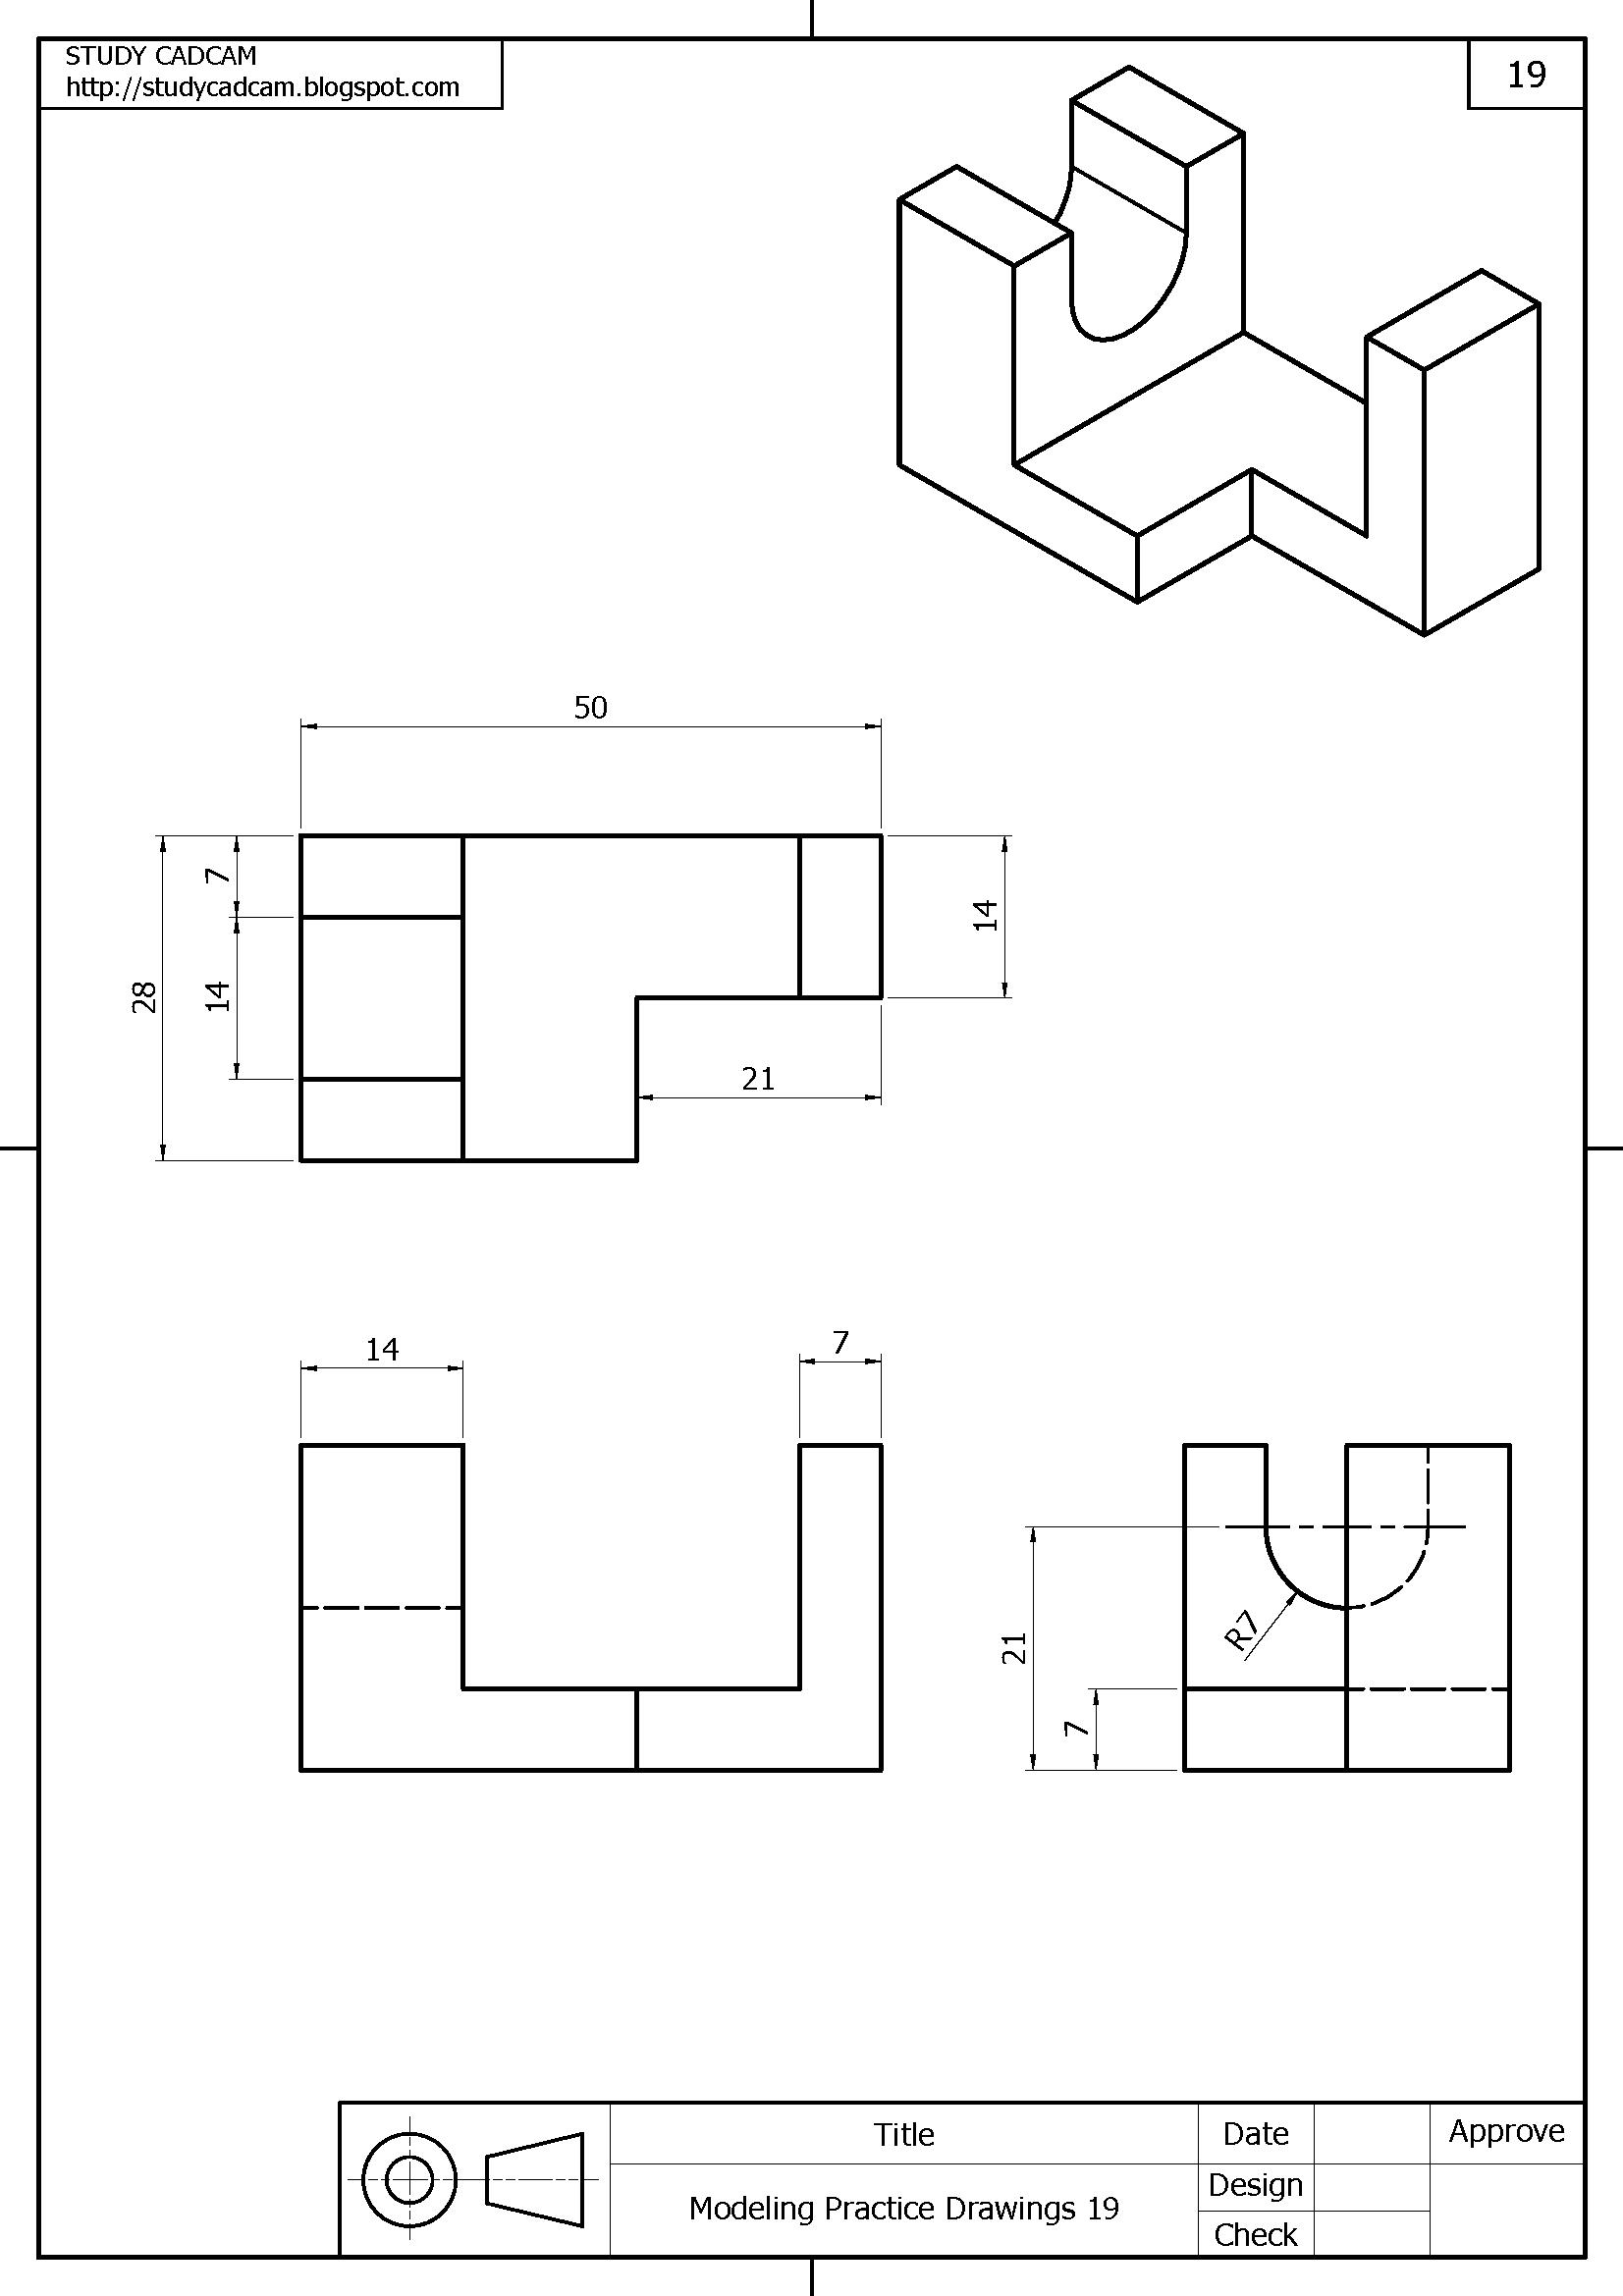 pin von myksid odrada auf isometric drawing pinterest technisches zeichnen und zeichnen. Black Bedroom Furniture Sets. Home Design Ideas